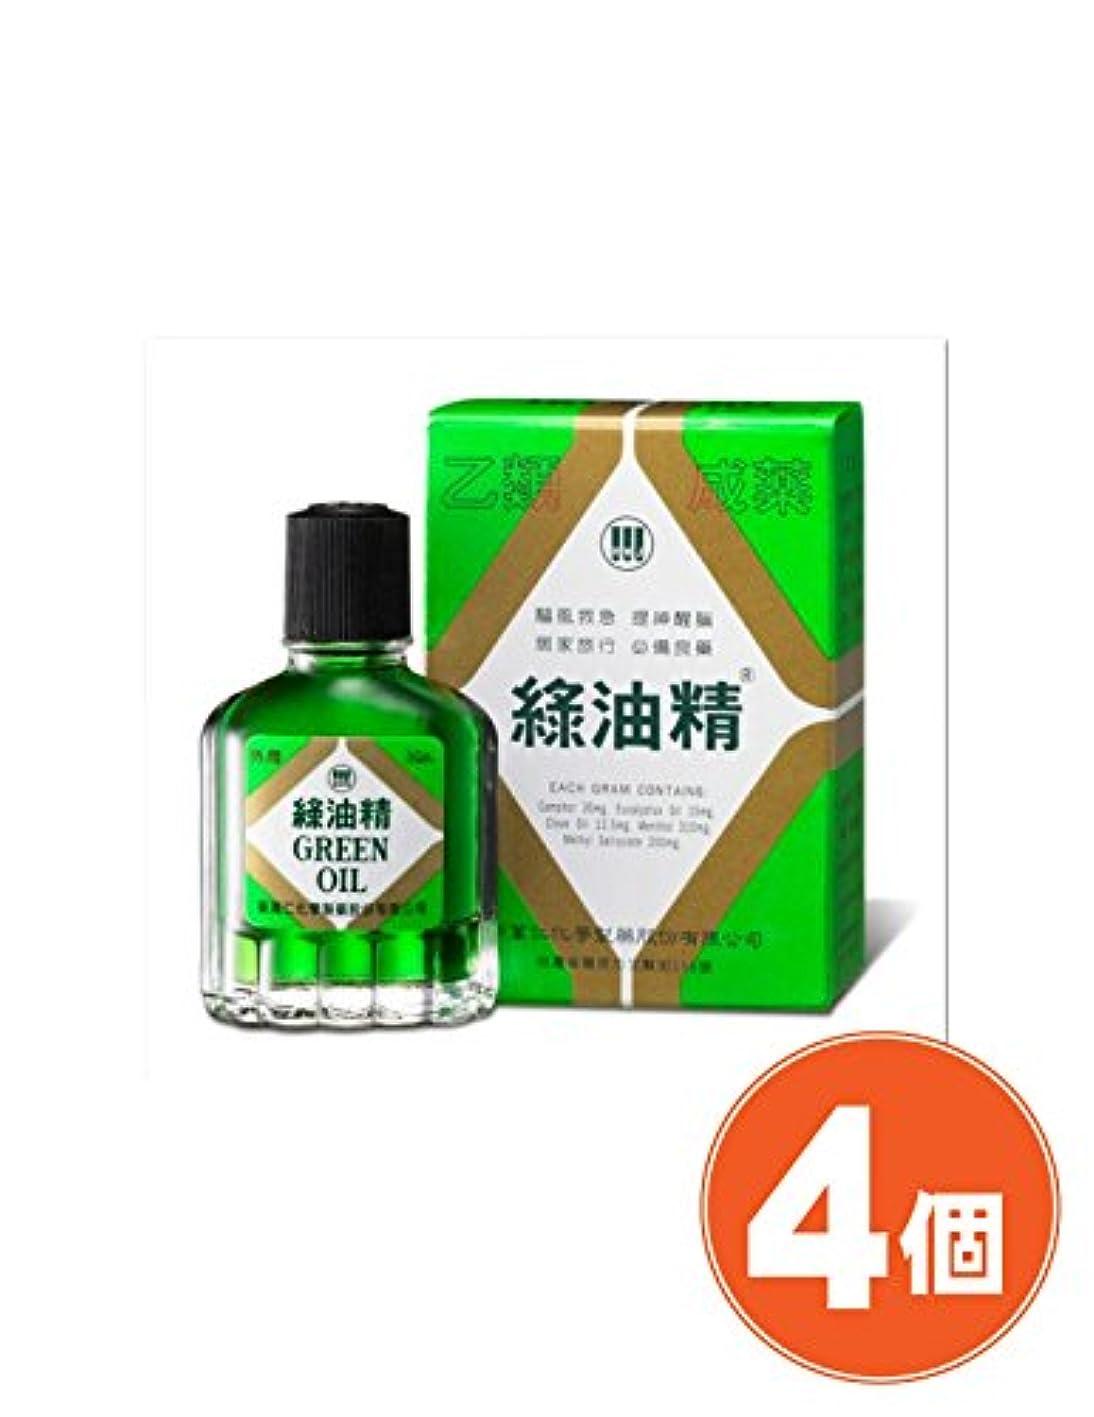 爆発するカールファイナンス《新萬仁》台湾の万能グリーンオイル 緑油精 3g ×4個 《台湾 お土産》 [並行輸入品]